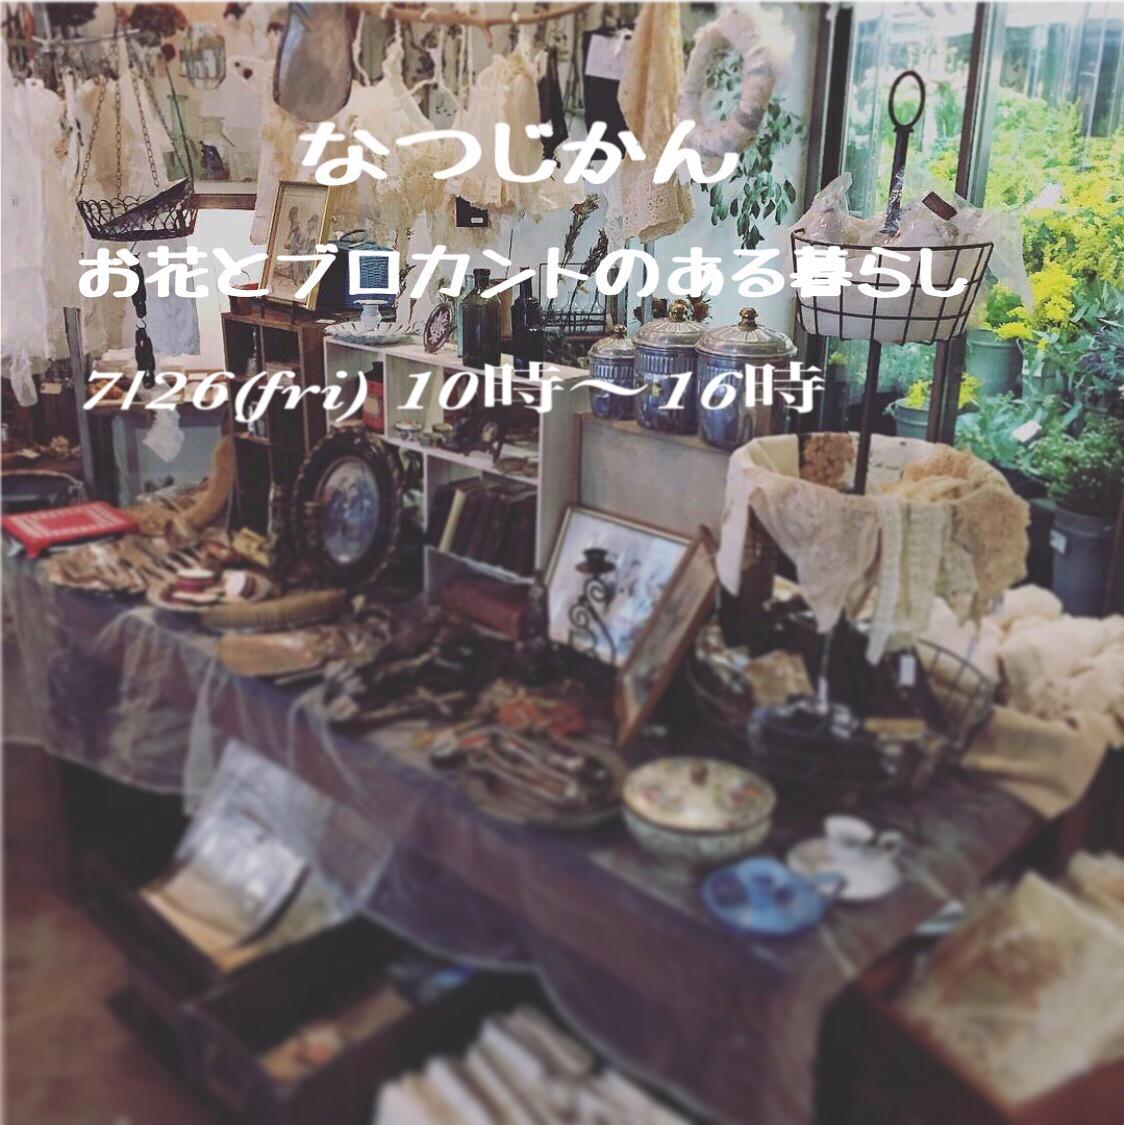 7/26(fri) 大阪のお花やさんでイベントです